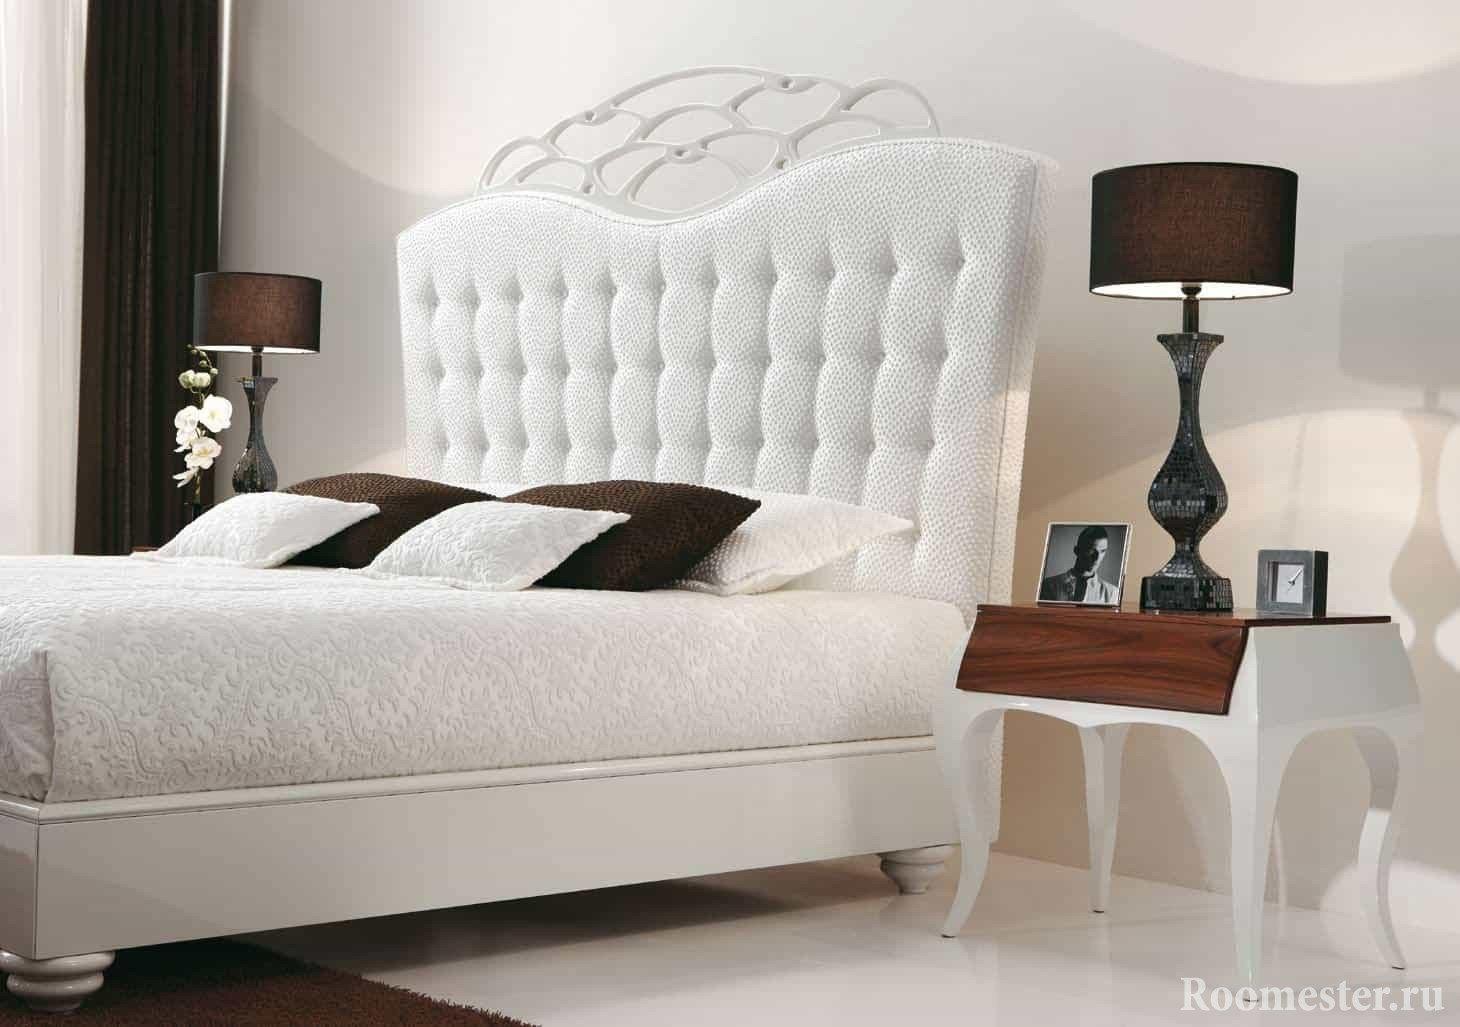 Белая кровать в классическом стиле